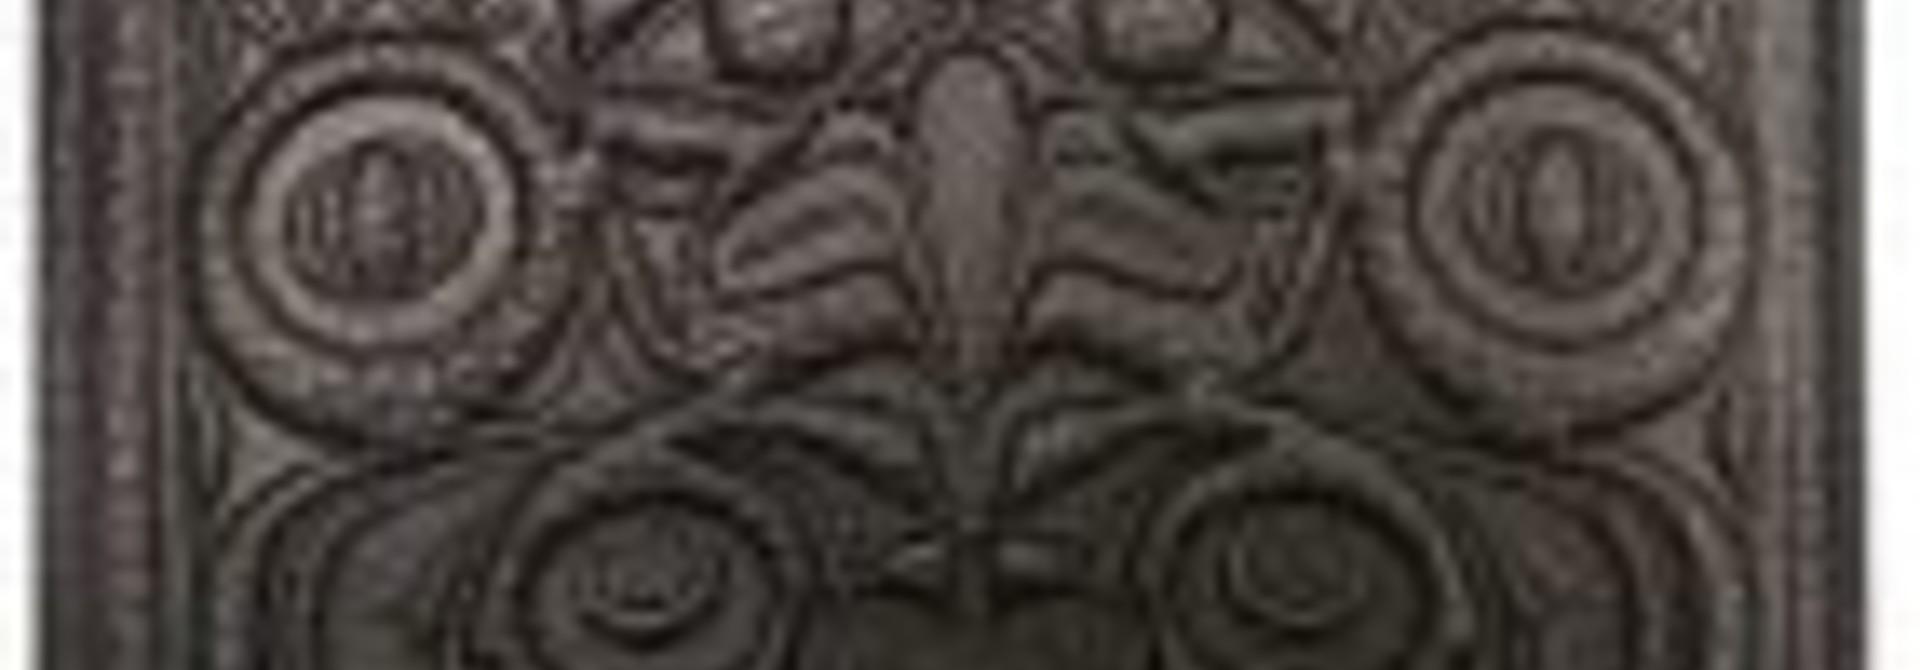 Leather Men's Wallet- Frog & Eagle by Douglas Horne